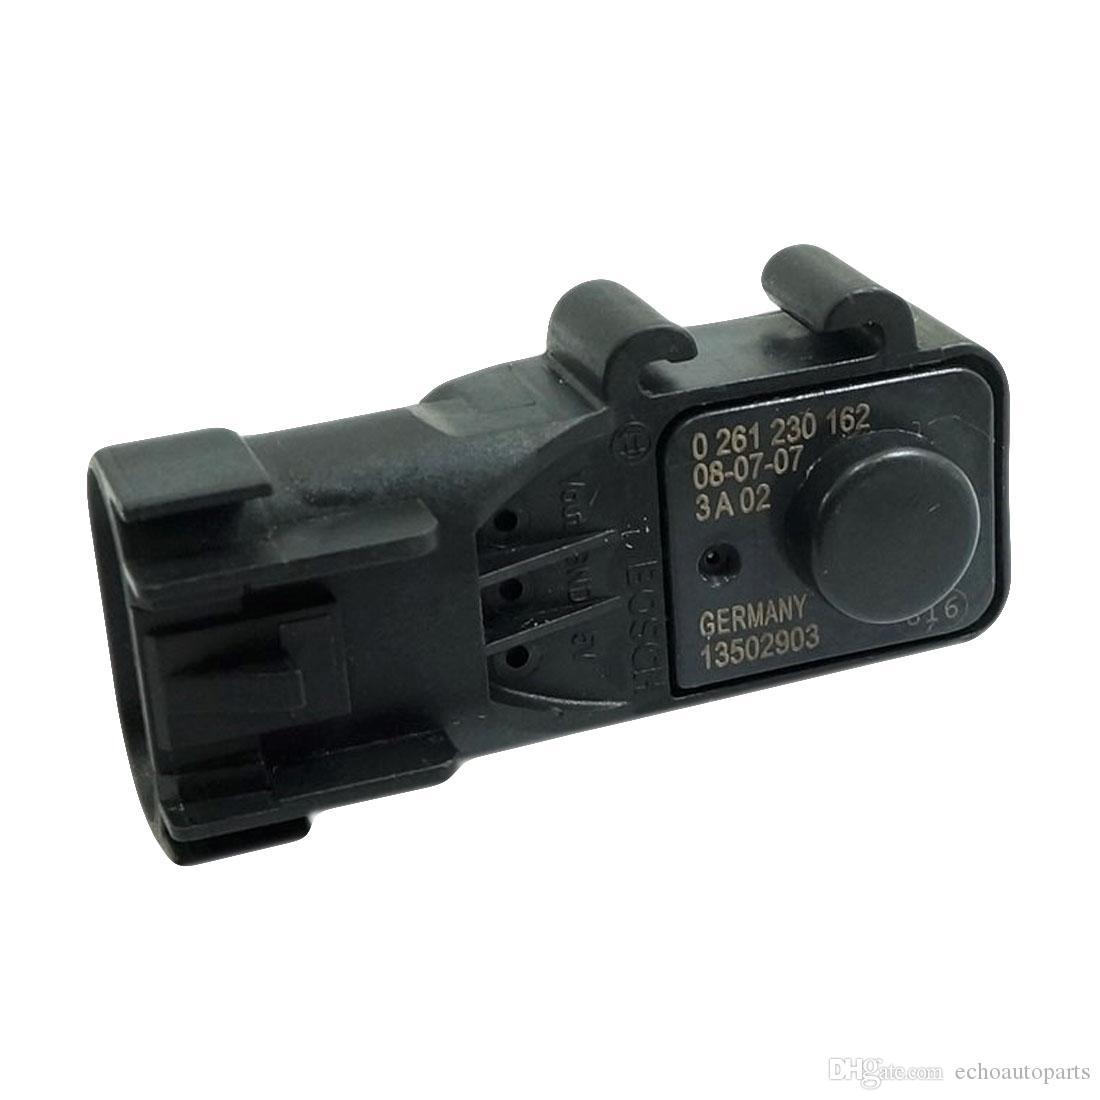 13502903 genuina de combustible del sensor de presión del tanque 0261230162 Se adapta a: Buick Cadillac Chevrolet GMC Pontiac Hummer Isuzu Pontiac Saab 0261230162